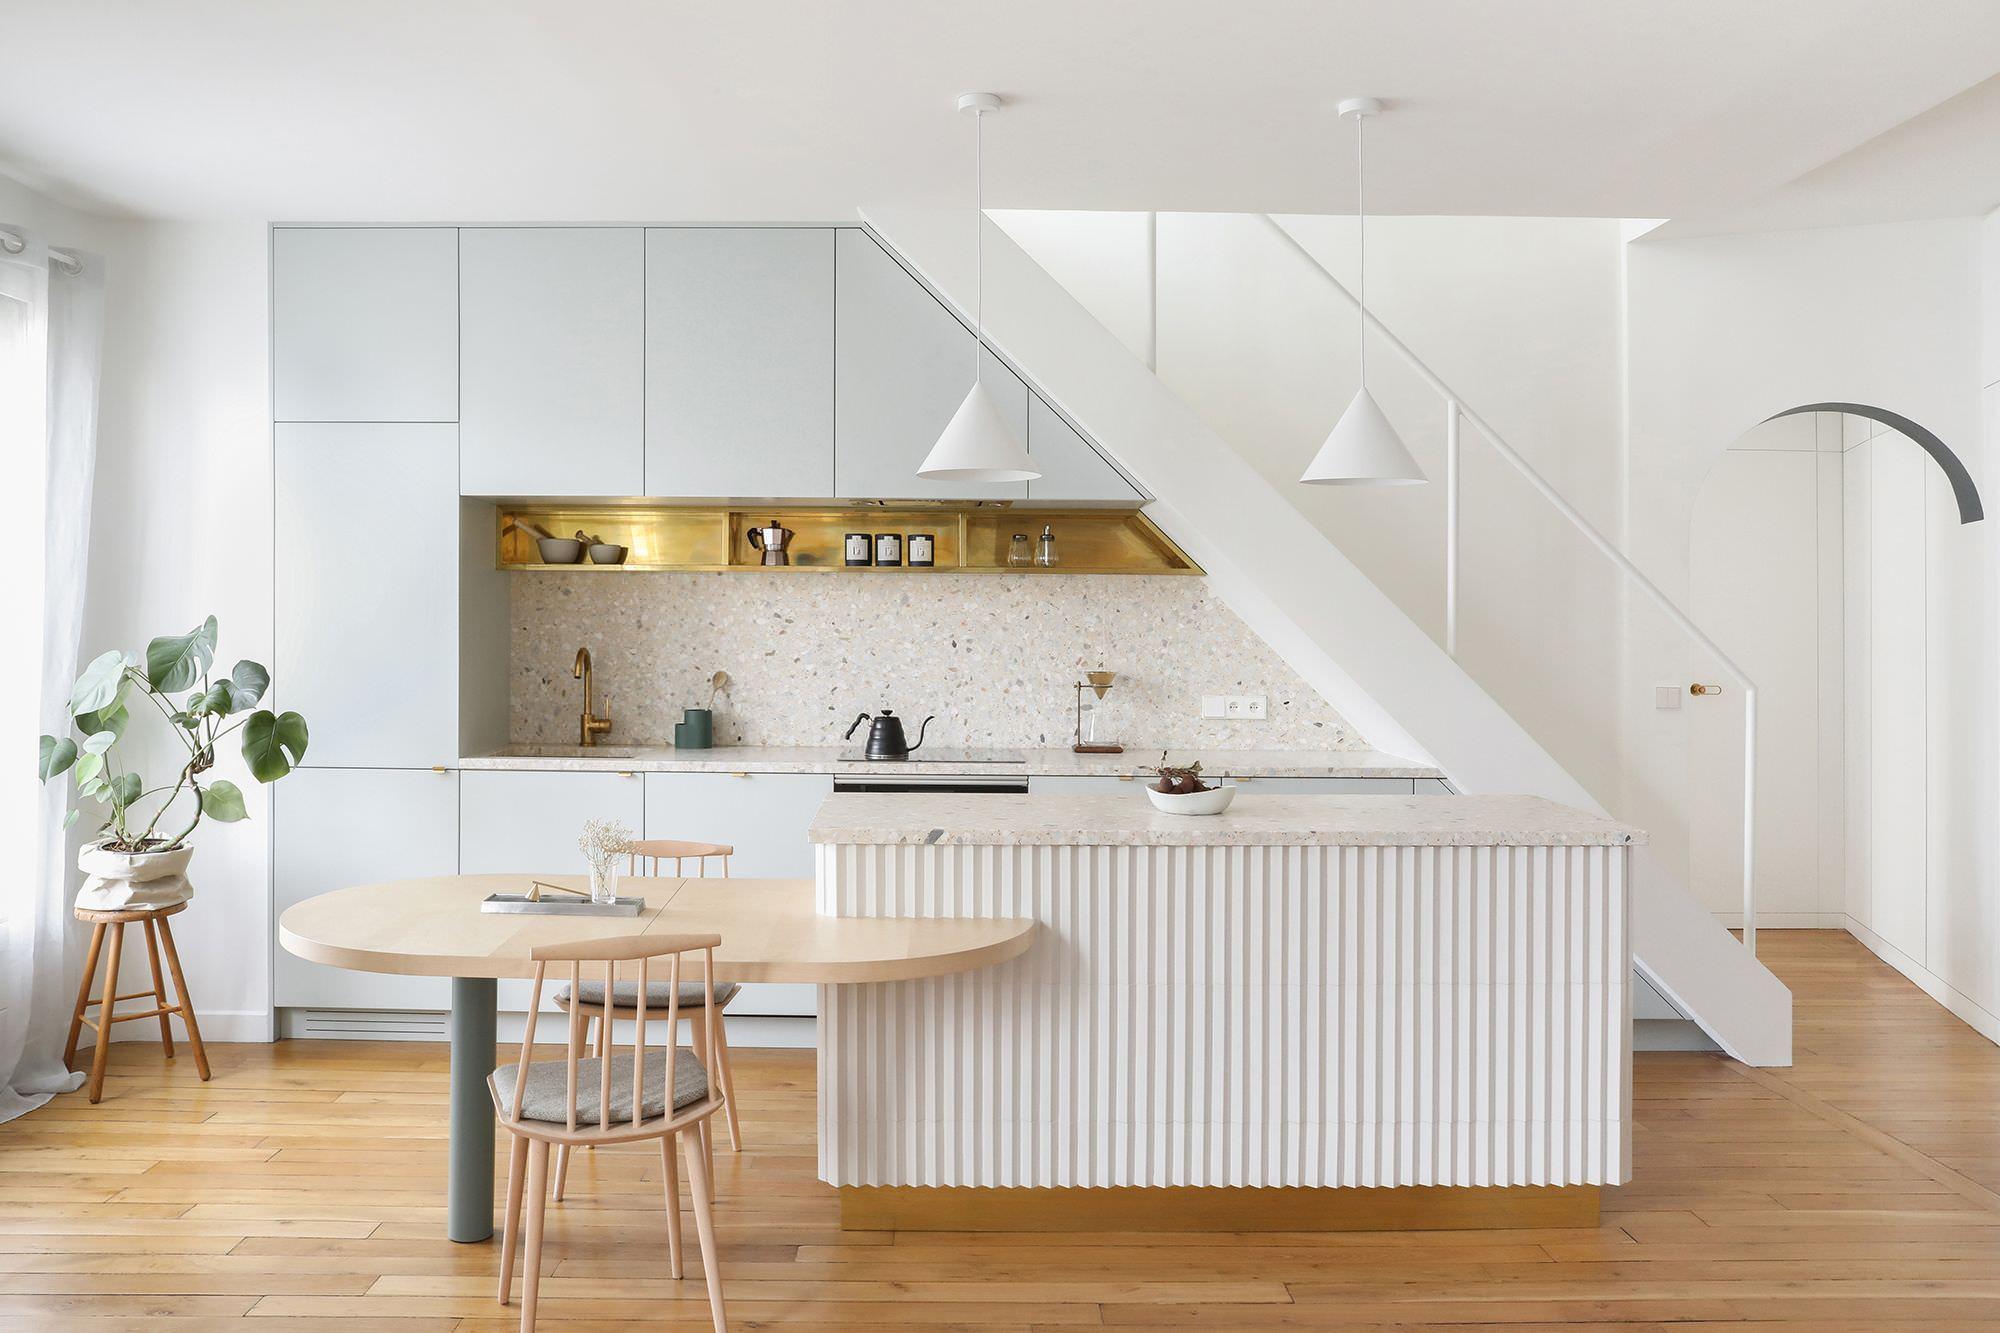 Thiết kế tủ bếp chữ I kết hợp đảo bếp đẹp sang trọng, tinh tế